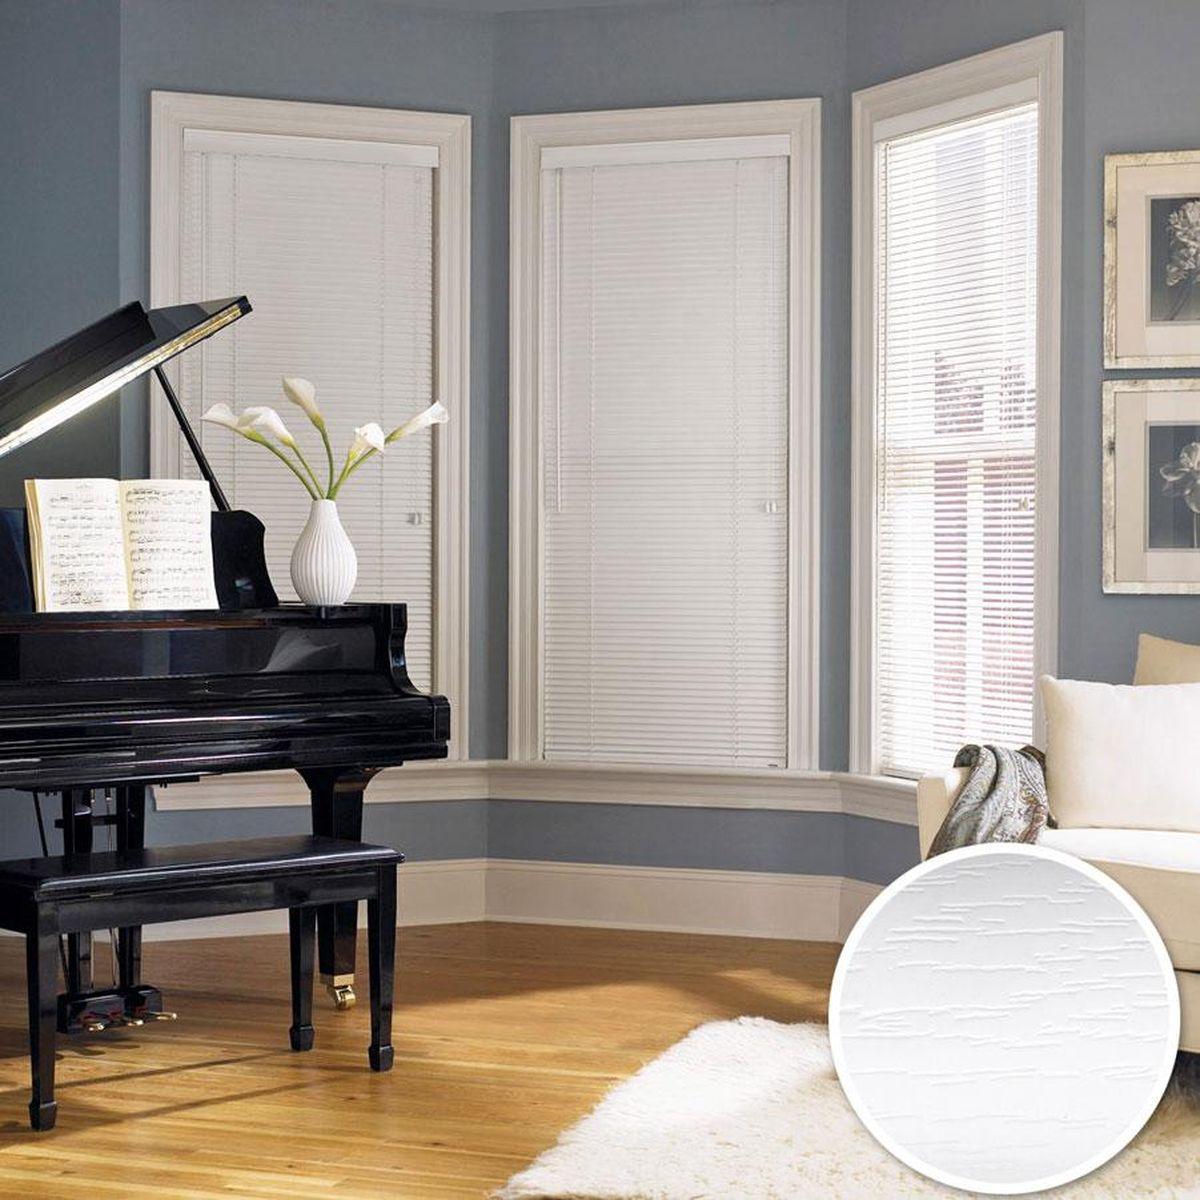 Жалюзи Эскар, цвет: белый, ширина 140 см, высота 160 см61008140160Для того чтобы придать интерьеру изюминку и завершенность, нет ничего лучше, чем использовать жалюзи на окнах квартиры, дома или офиса. С их помощью можно подчеркнуть индивидуальный вкус, а также стилевое оформление помещения. Помимо декоративных функций, жалюзи выполняют и практические задачи: они защищают от излишнего солнечного света, не дают помещению нагреваться, а также создают уют в темное время суток.Пластиковые жалюзи - самое универсальное и недорогое решение для любого помещения. Купить их может каждый, а широкий выбор размеров под самые популярные габариты сделает покупку простой и удобной. Пластиковые жалюзи имеют высокие эксплуатационные характеристики - они гигиеничны, что делает их незаменимыми при монтаже в детских и медицинских учреждениях.